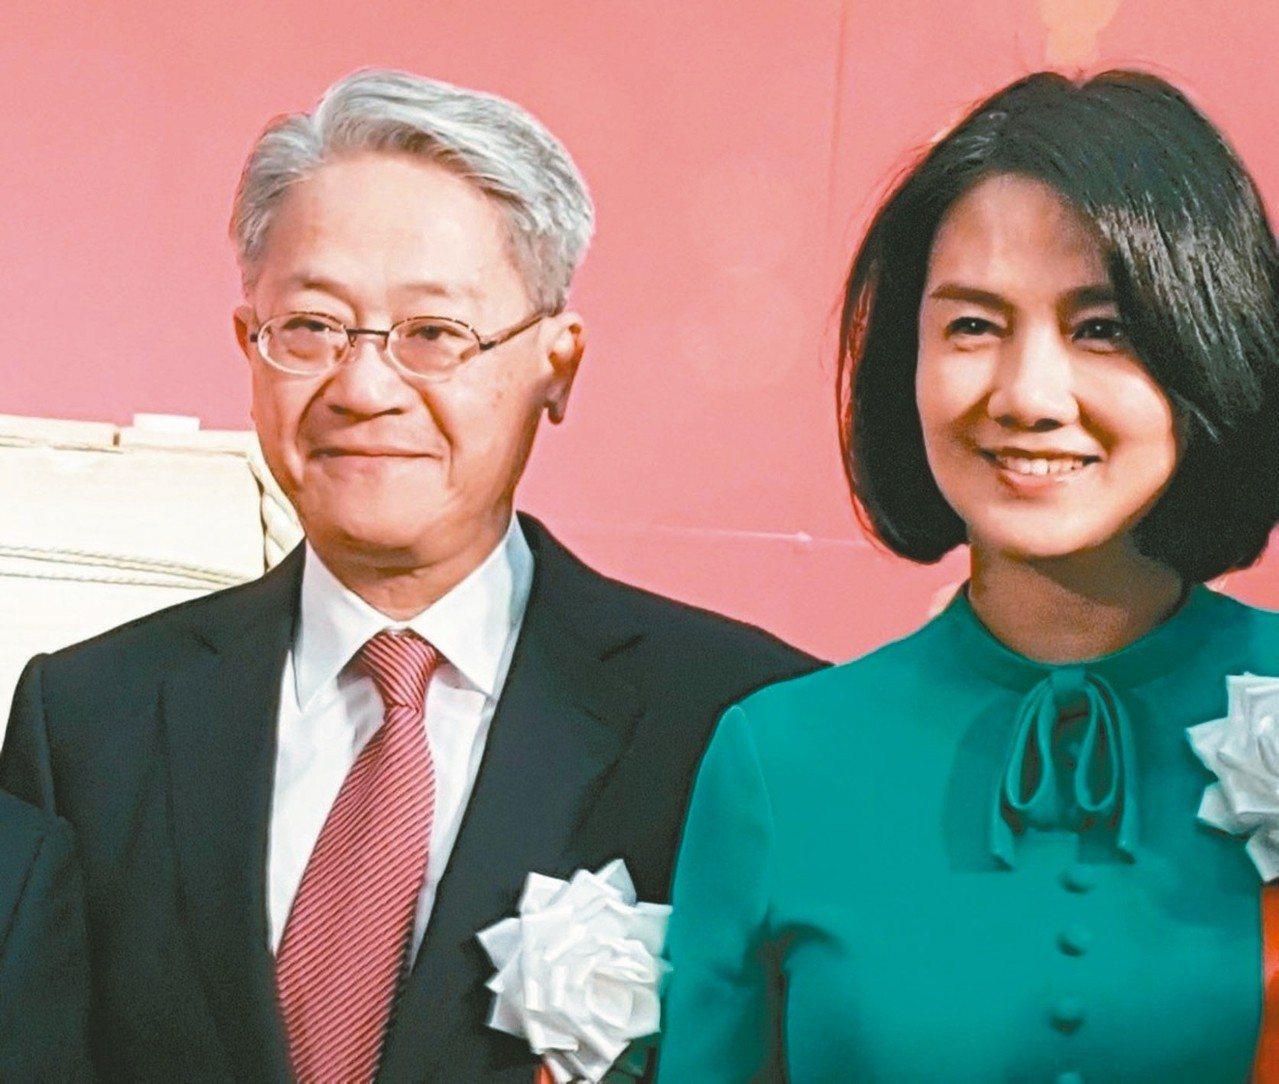 台新金控董事長吳東亮(左)夫人彭雪芬(右)昨天發表聲明,表示她將於明天主動請辭新...